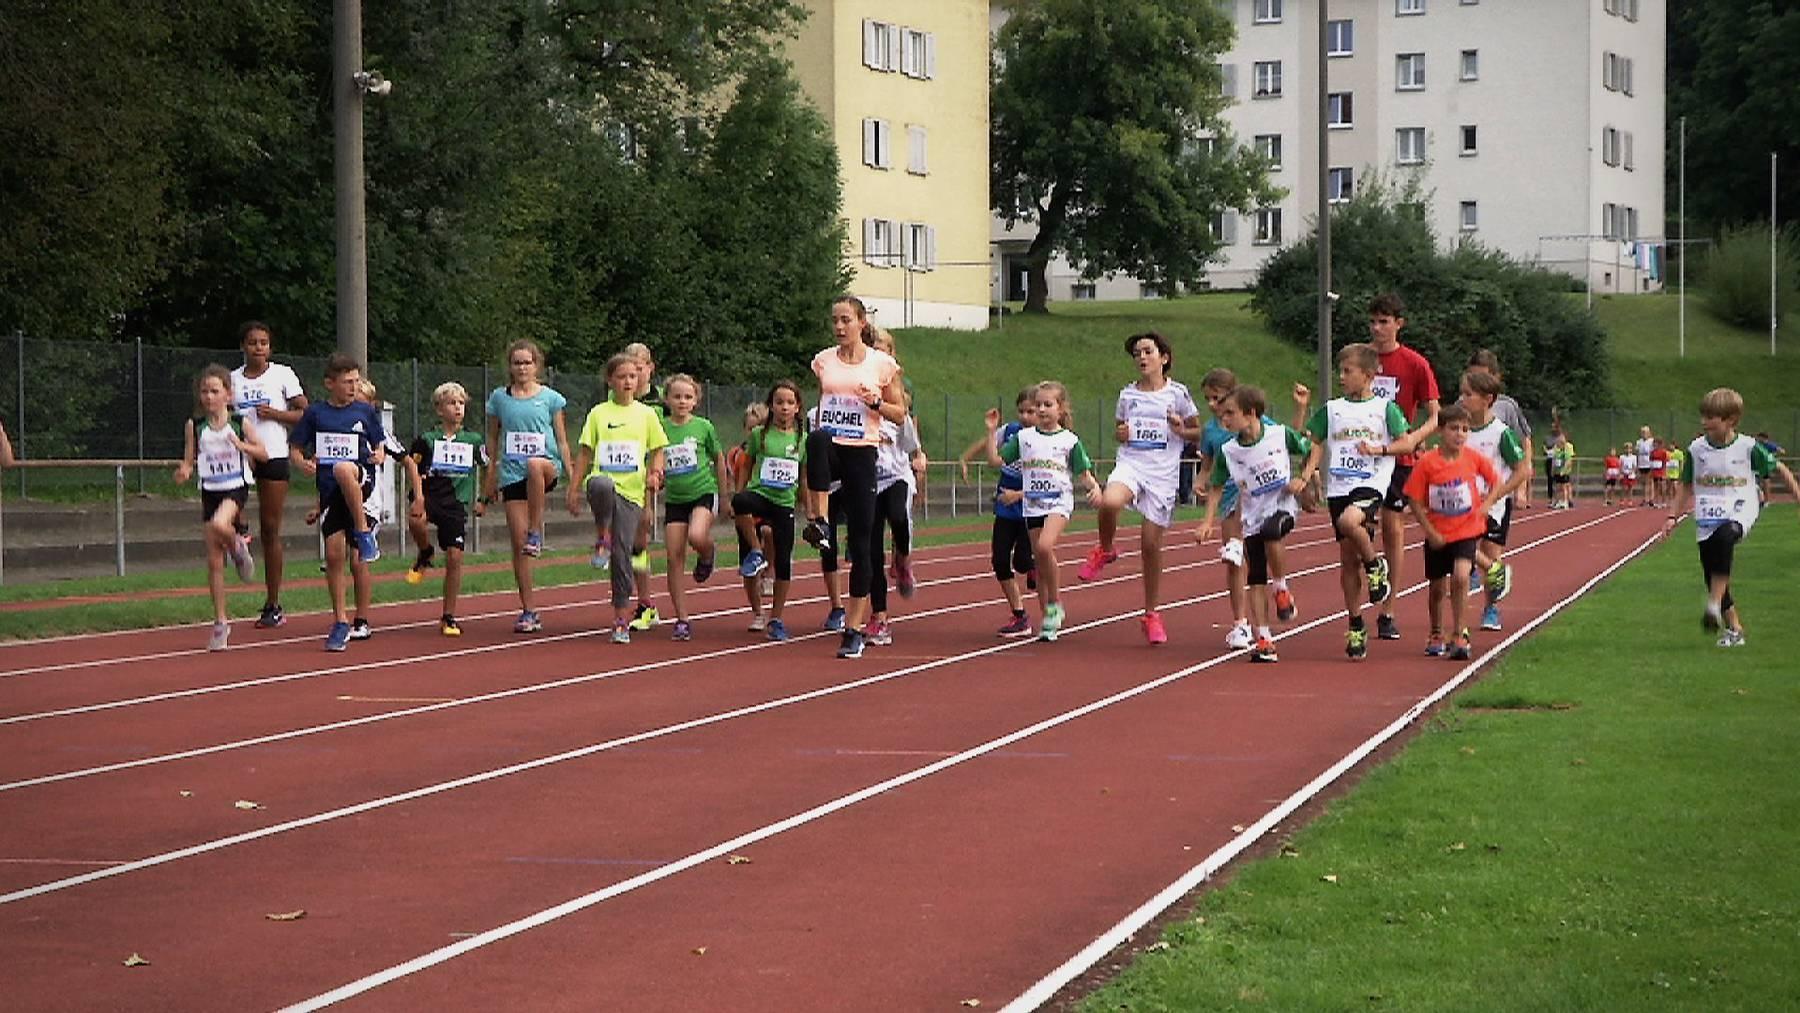 Gestern Dienstag fand ein exklusives Training mit Olympia-Stars statt.